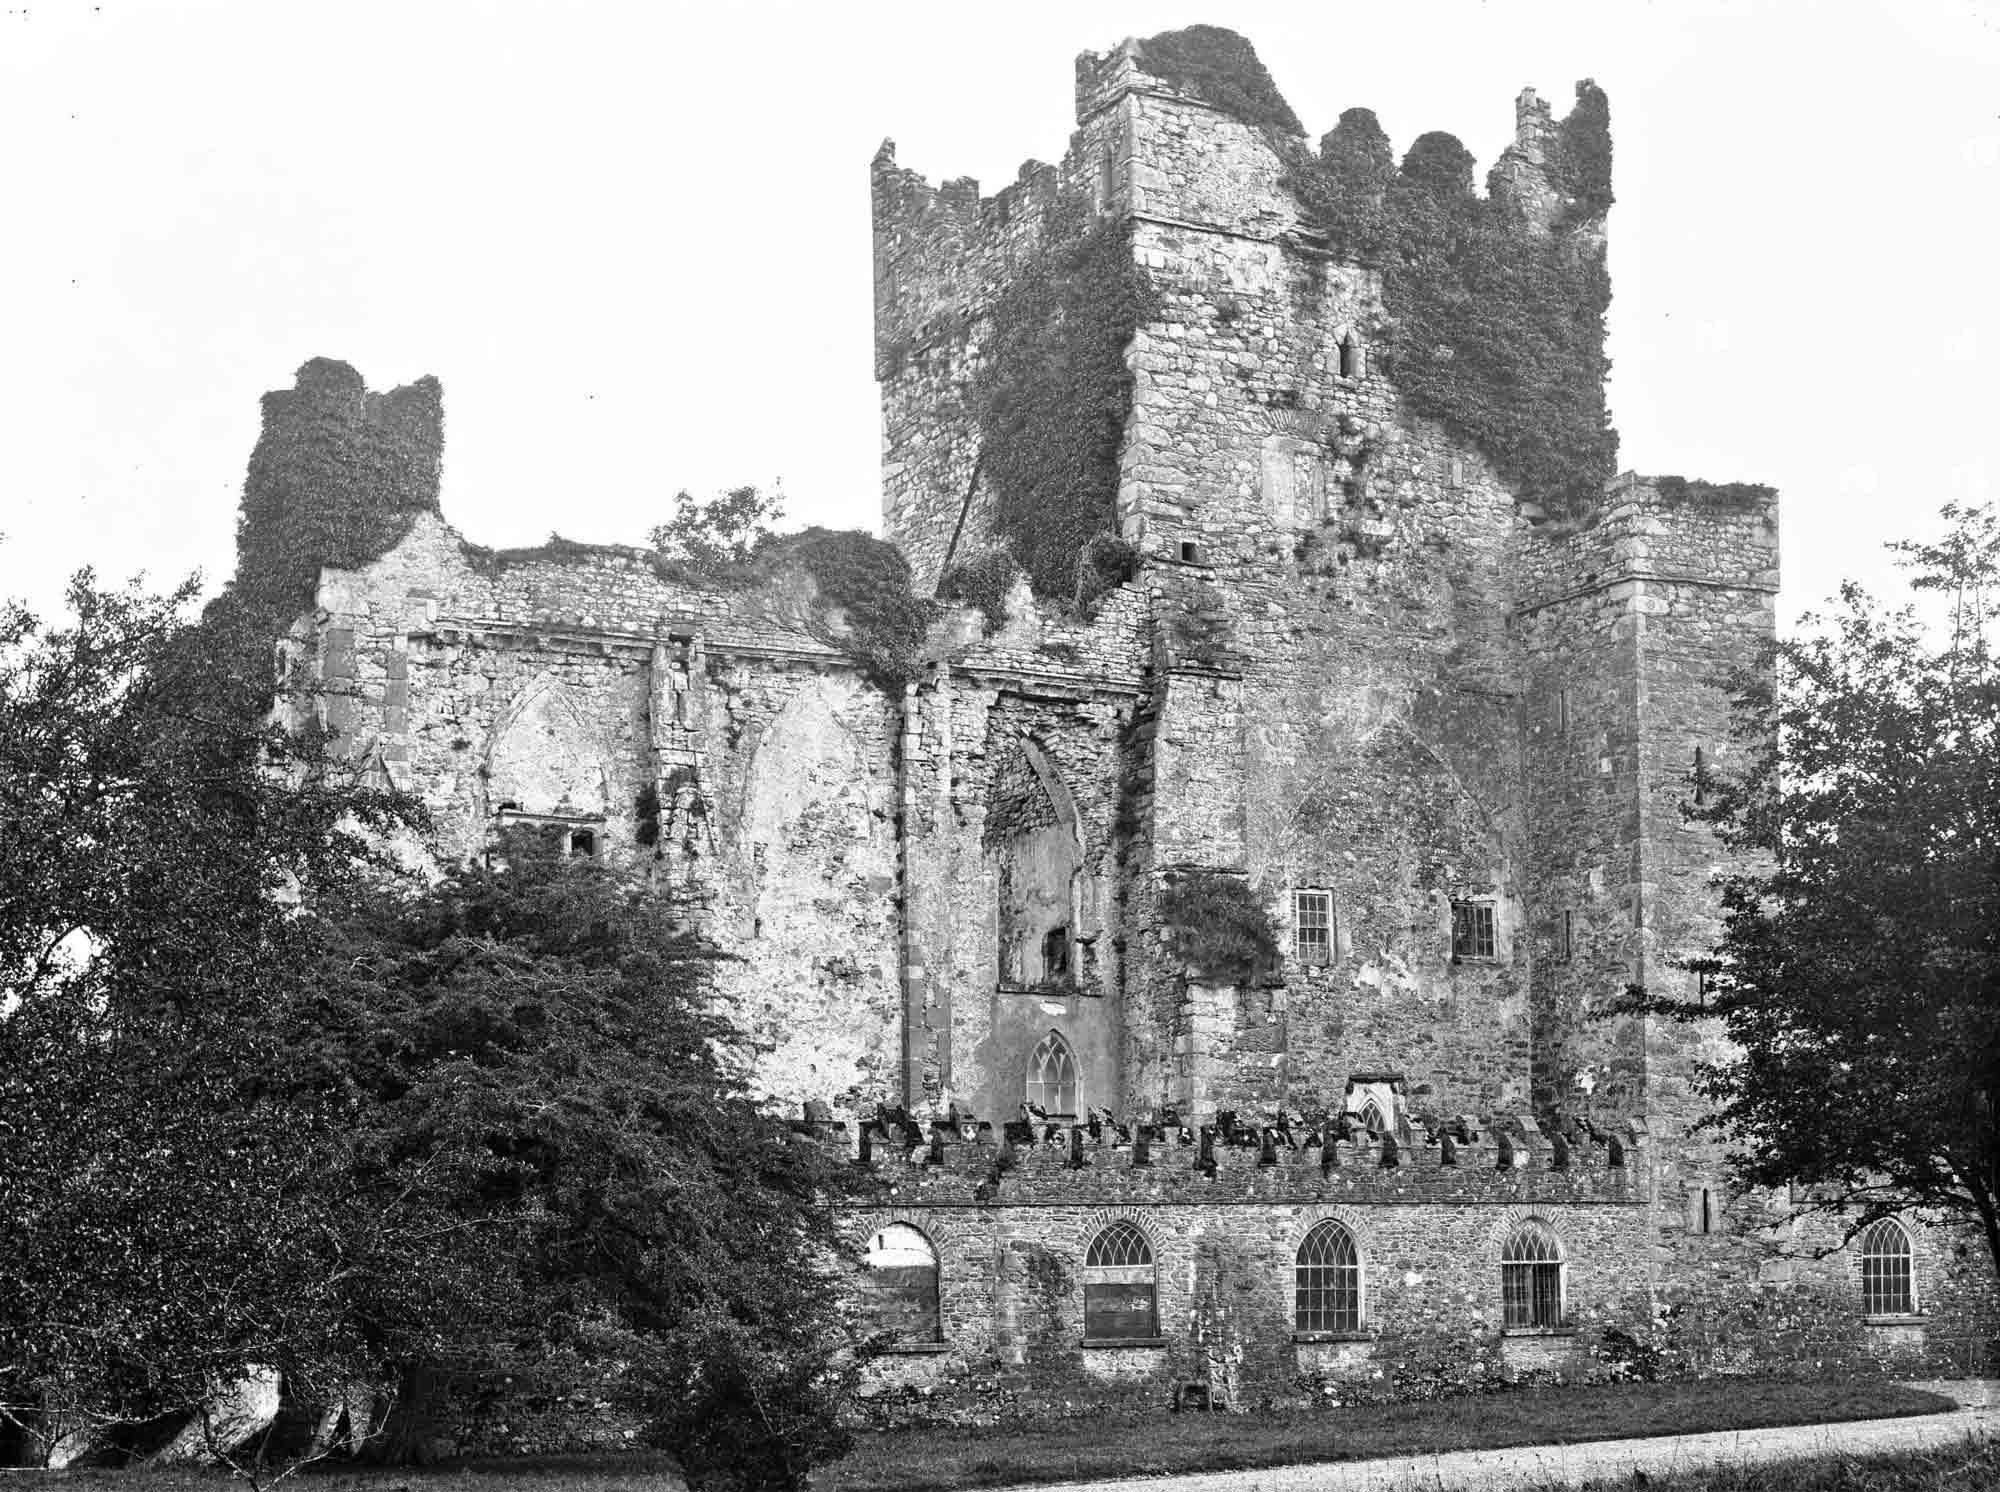 Image of Tintern Abbey taken in 1902.